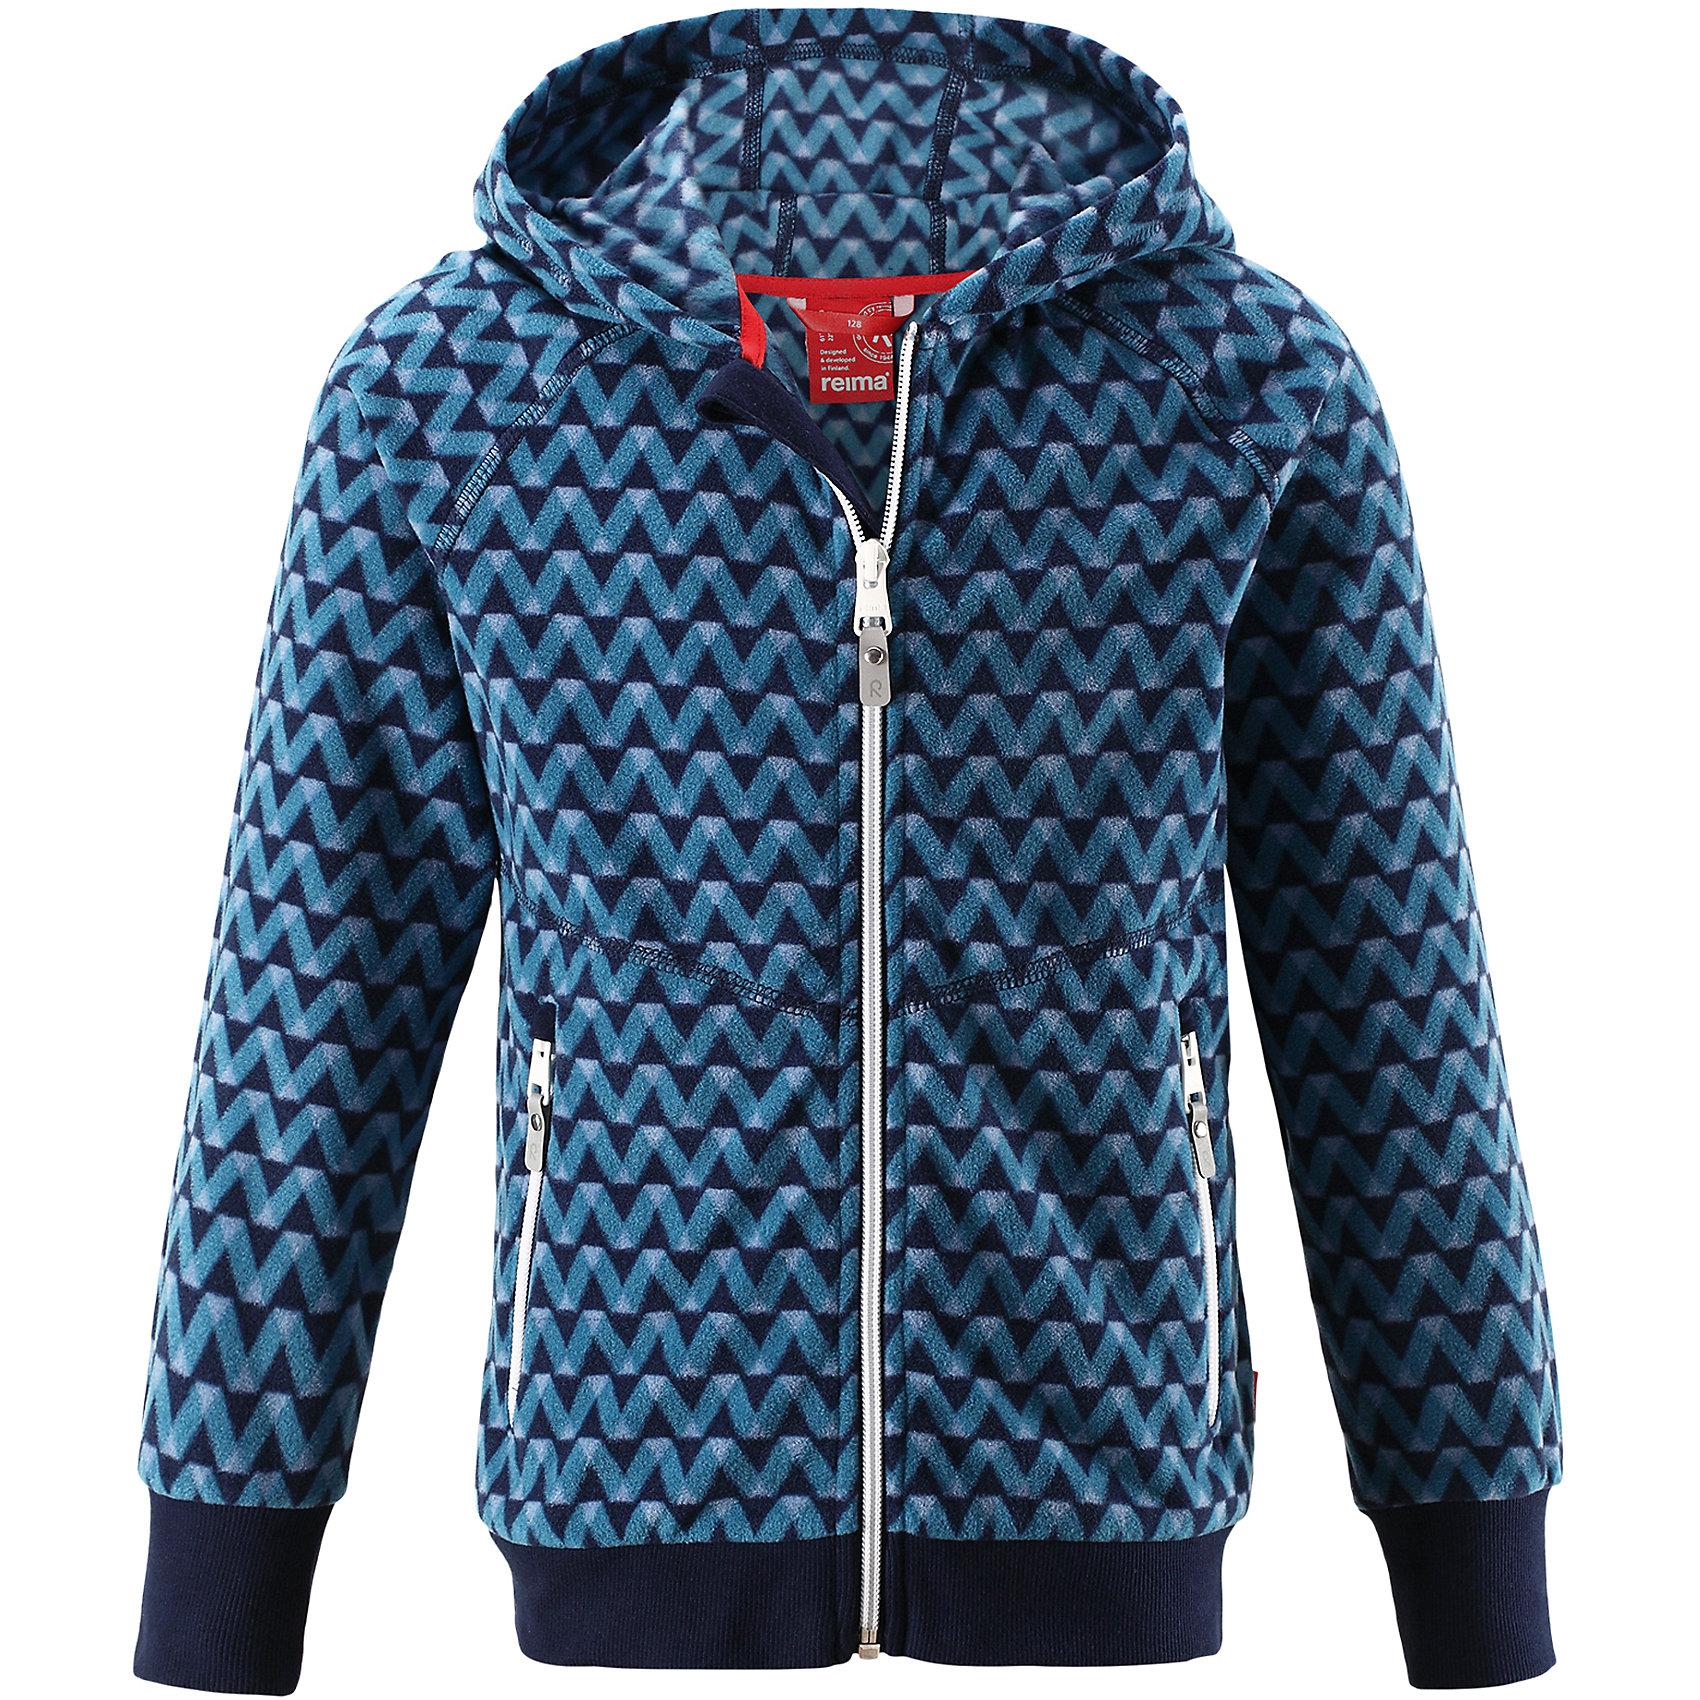 Свитер Ulv Reima для мальчикаТолстовки<br>Детская флисовая куртка на прохладный день. Можно использовать как верхнюю одежду в комплекте с жилеткой в теплую сухую погоду весной и осенью или поддевать в качестве промежуточного слоя в холода. Высококачественный полярный флис – это теплый, легкий и быстросохнущий материал, отводящий влагу с кожи. Идеальный вариант для активных прогулок – обратите внимание на оригинальный сплошной рисунок. <br>Состав:<br>100% Полиэстер<br><br>Ширина мм: 190<br>Глубина мм: 74<br>Высота мм: 229<br>Вес г: 236<br>Цвет: синий<br>Возраст от месяцев: 156<br>Возраст до месяцев: 168<br>Пол: Мужской<br>Возраст: Детский<br>Размер: 110,116,122,128,134,140,146,152,158,164,92,98,104<br>SKU: 6904614